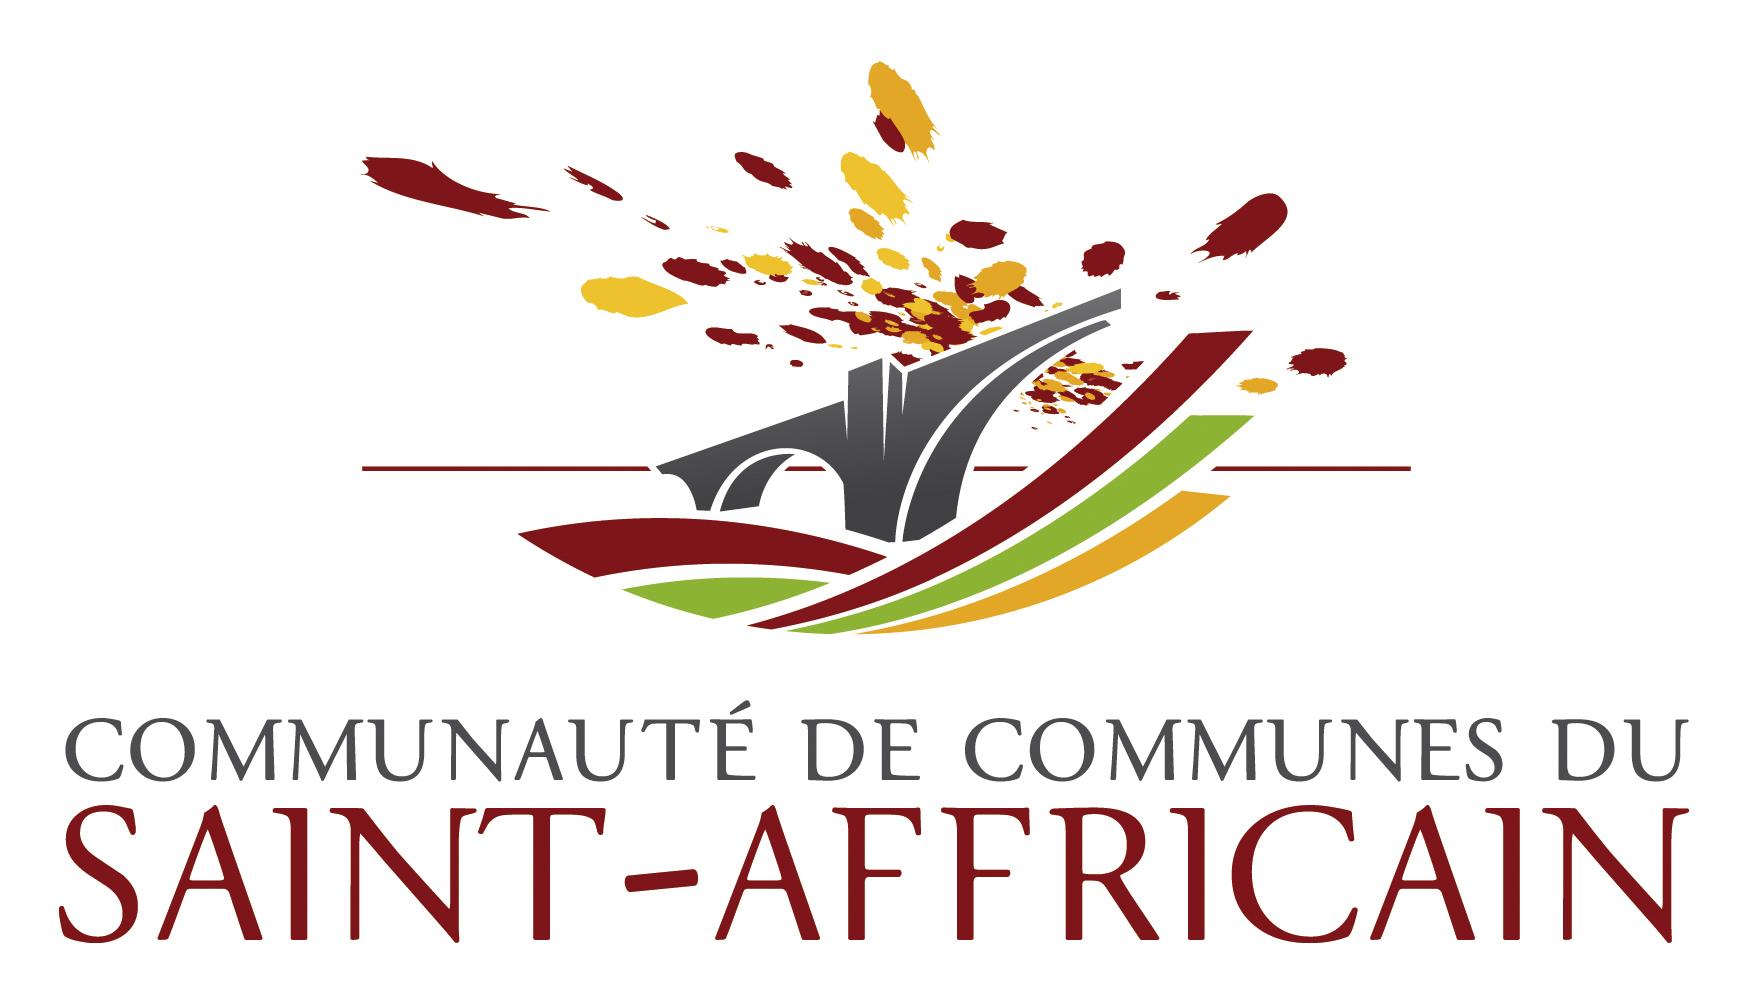 communauté de communes du Saint-Affricain